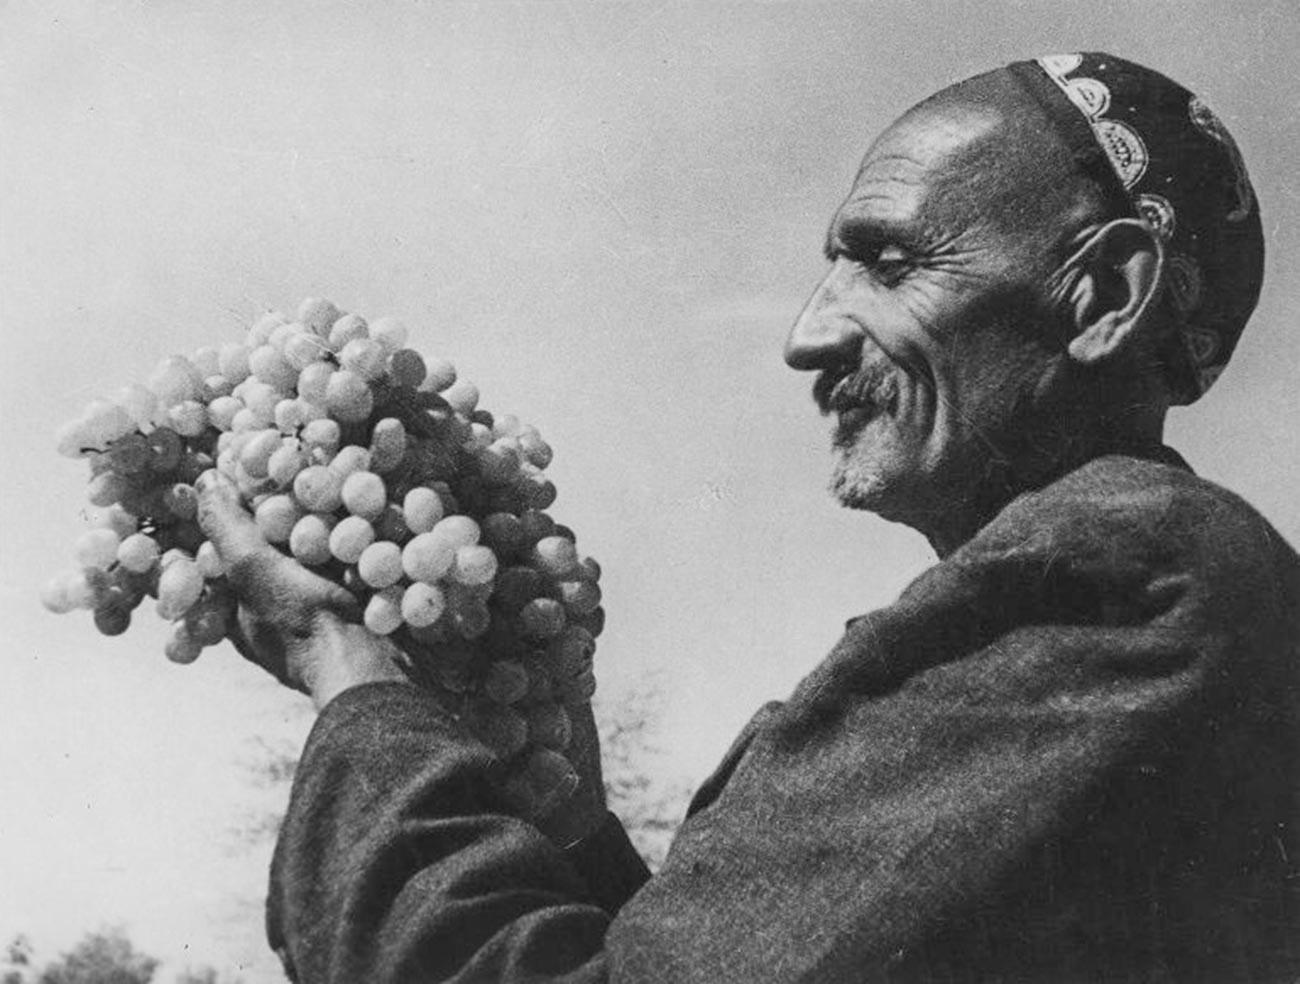 Най-добрият лозар на Република Узбекистан и носител на орден - Ризамат Мусамухамедов, отглежда специален сорт грозде в Узбекистан